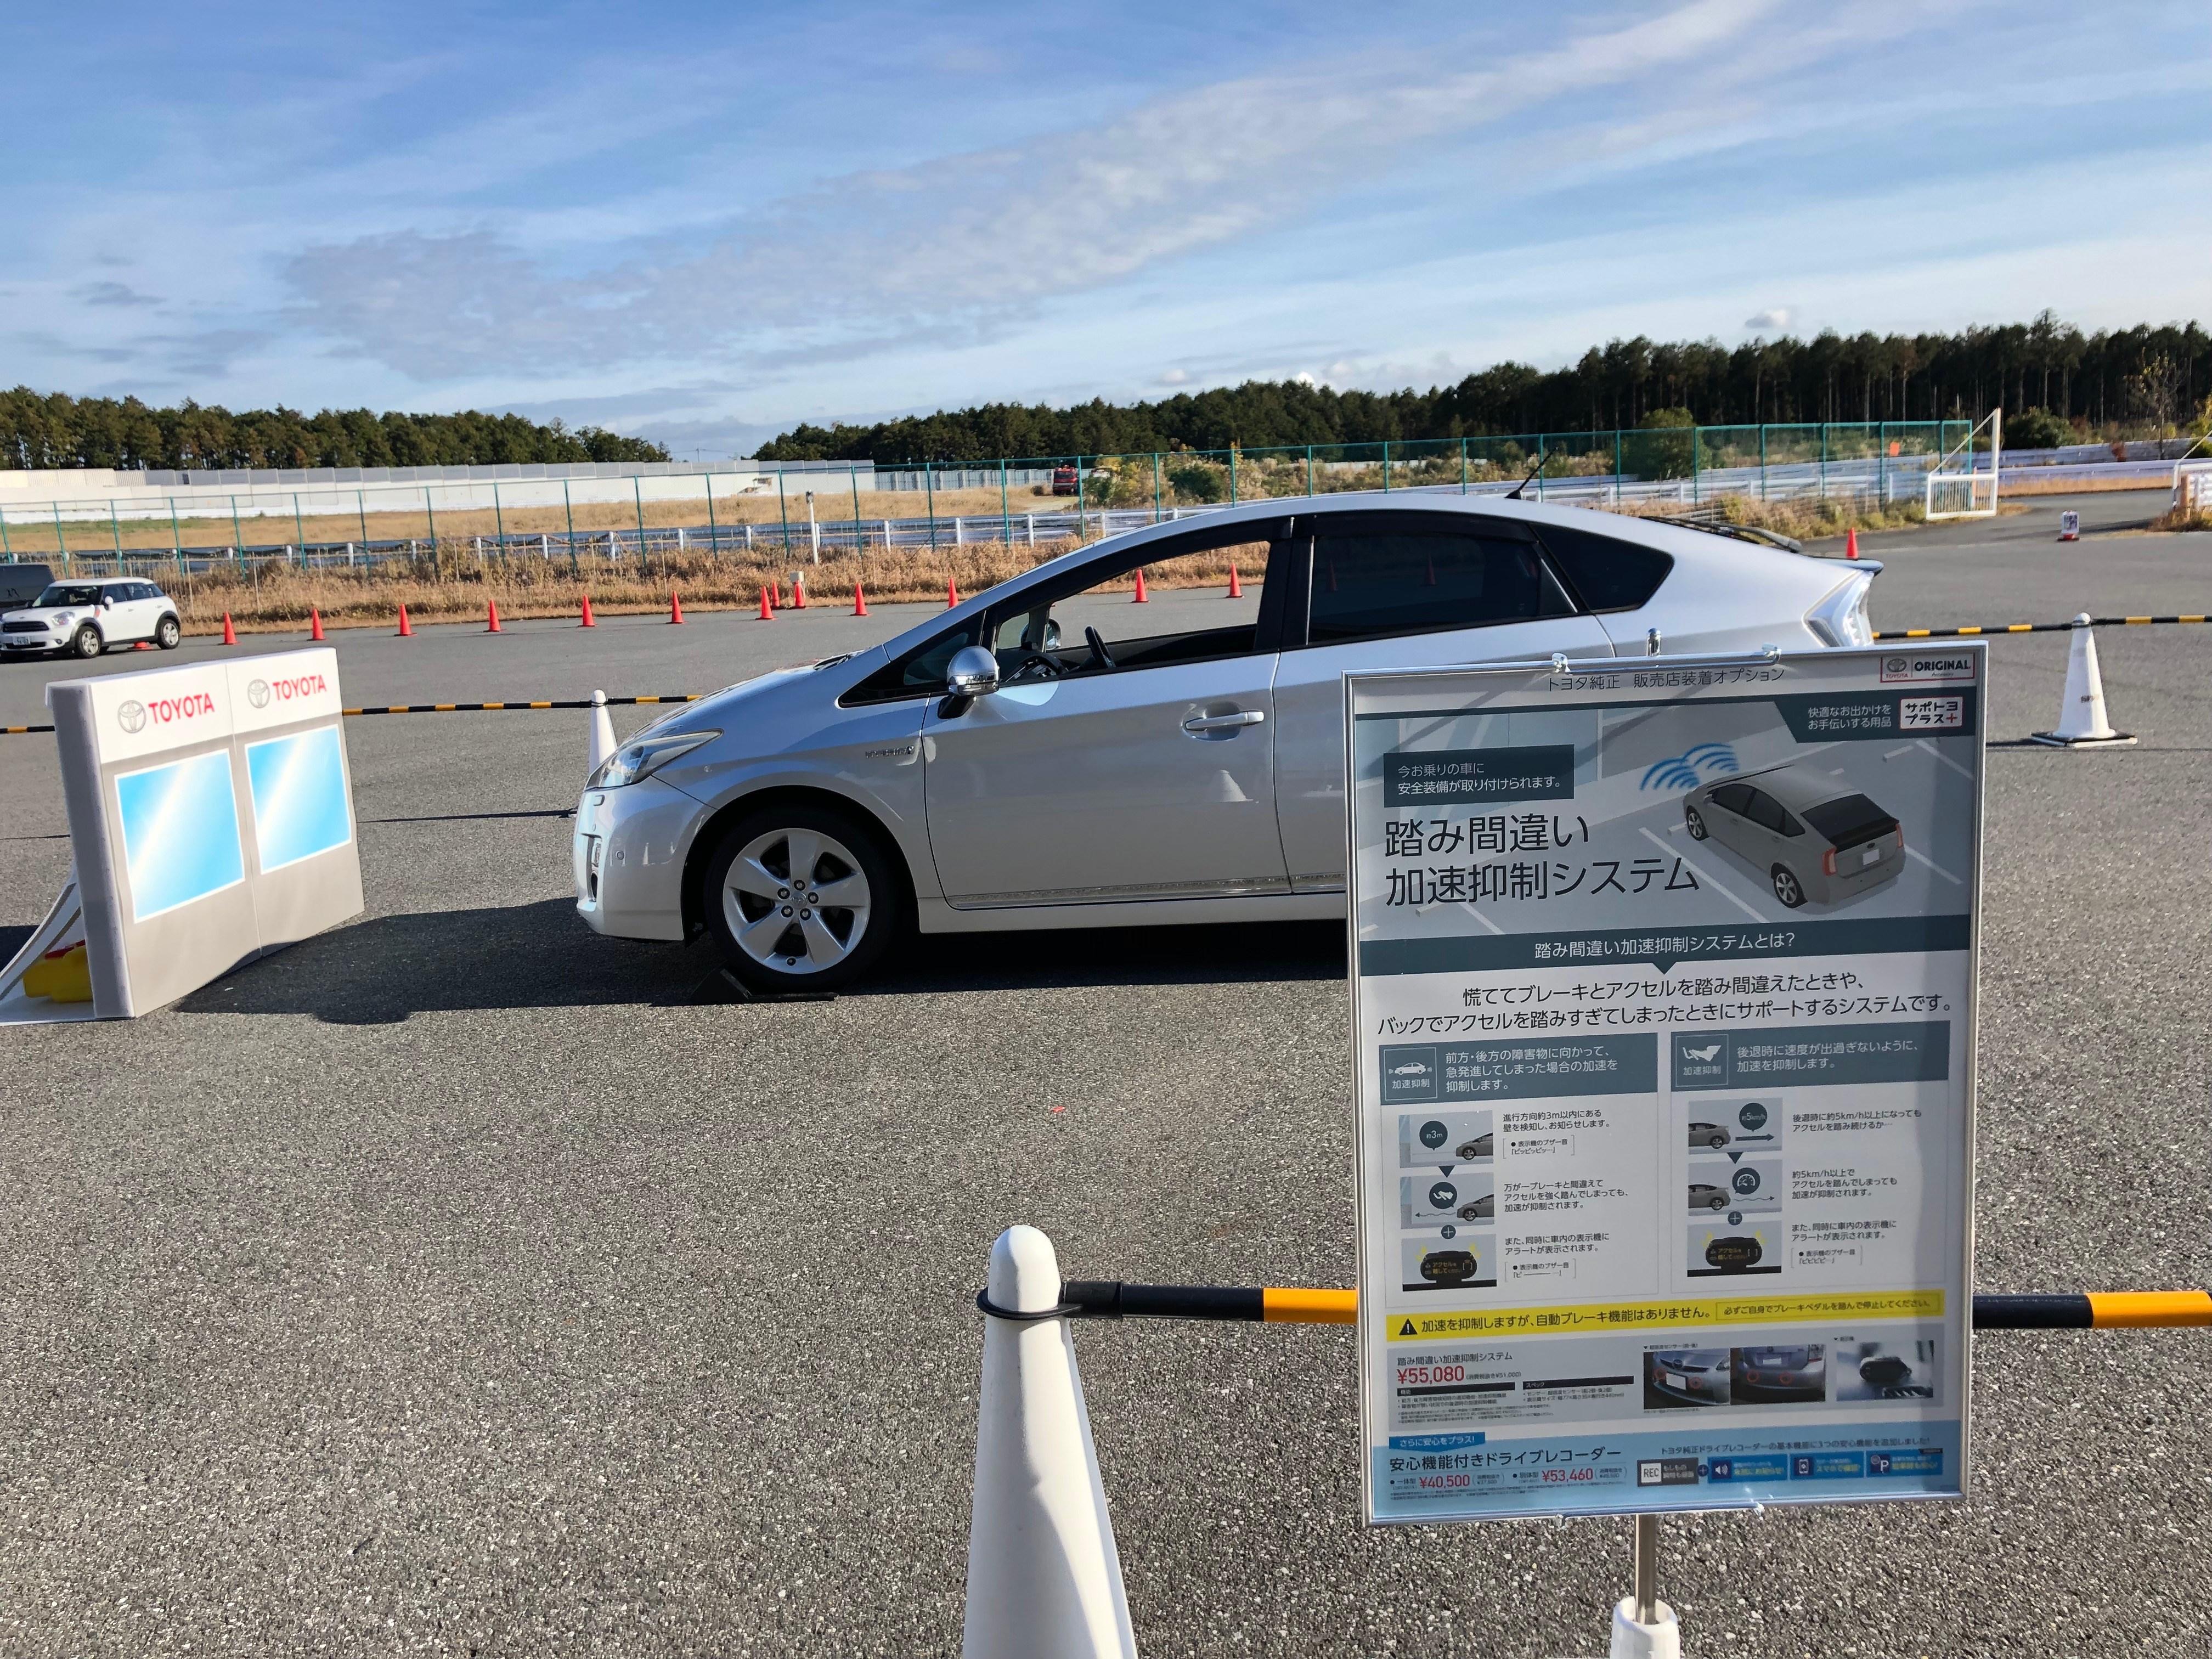 トヨタが3代目プリウスとアクア専用に後付けできる「踏み間違い加速抑制システム」を発売